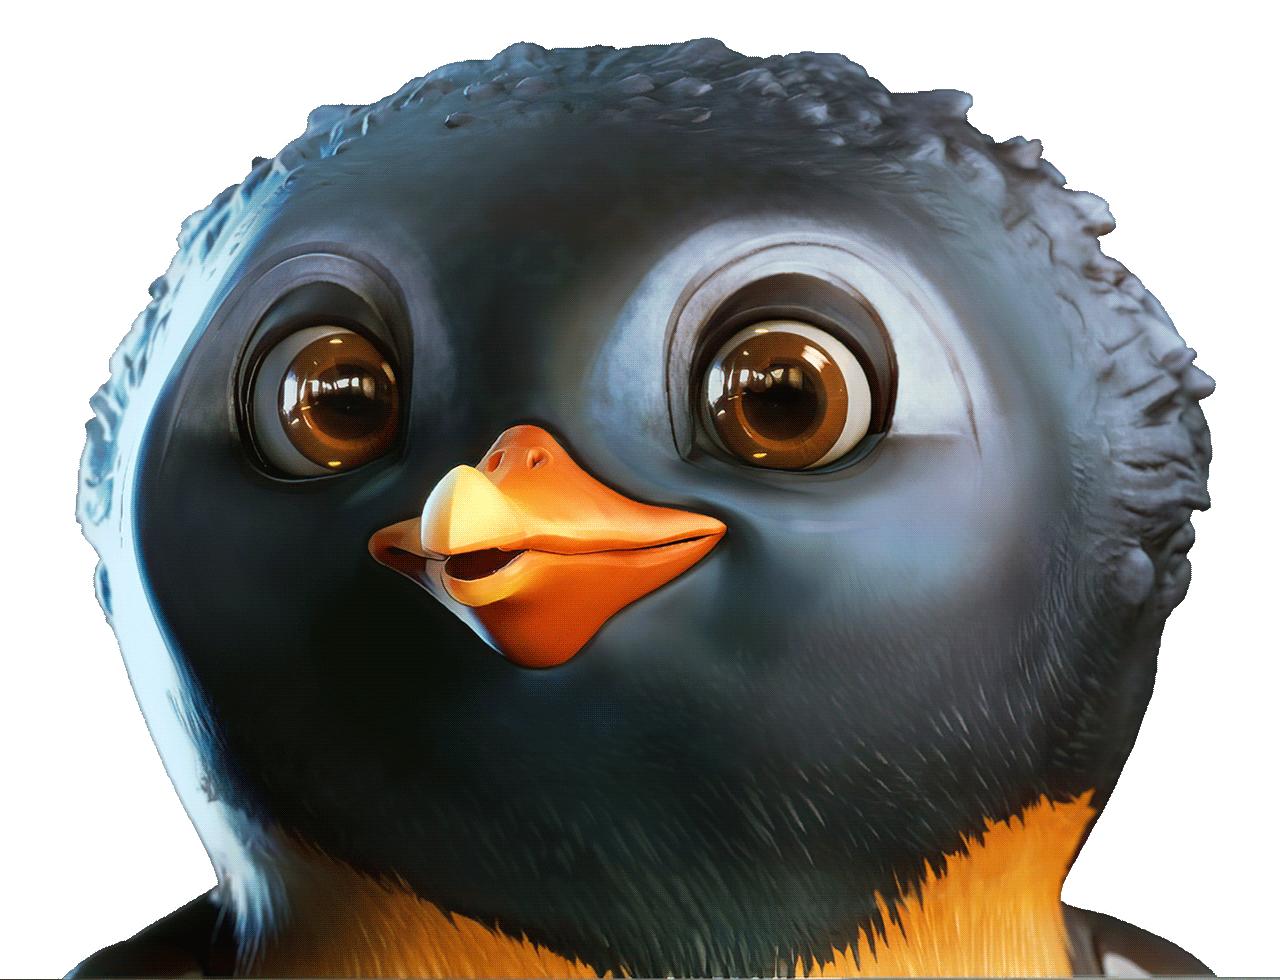 kriss-penguin-slider-01-vertexbee